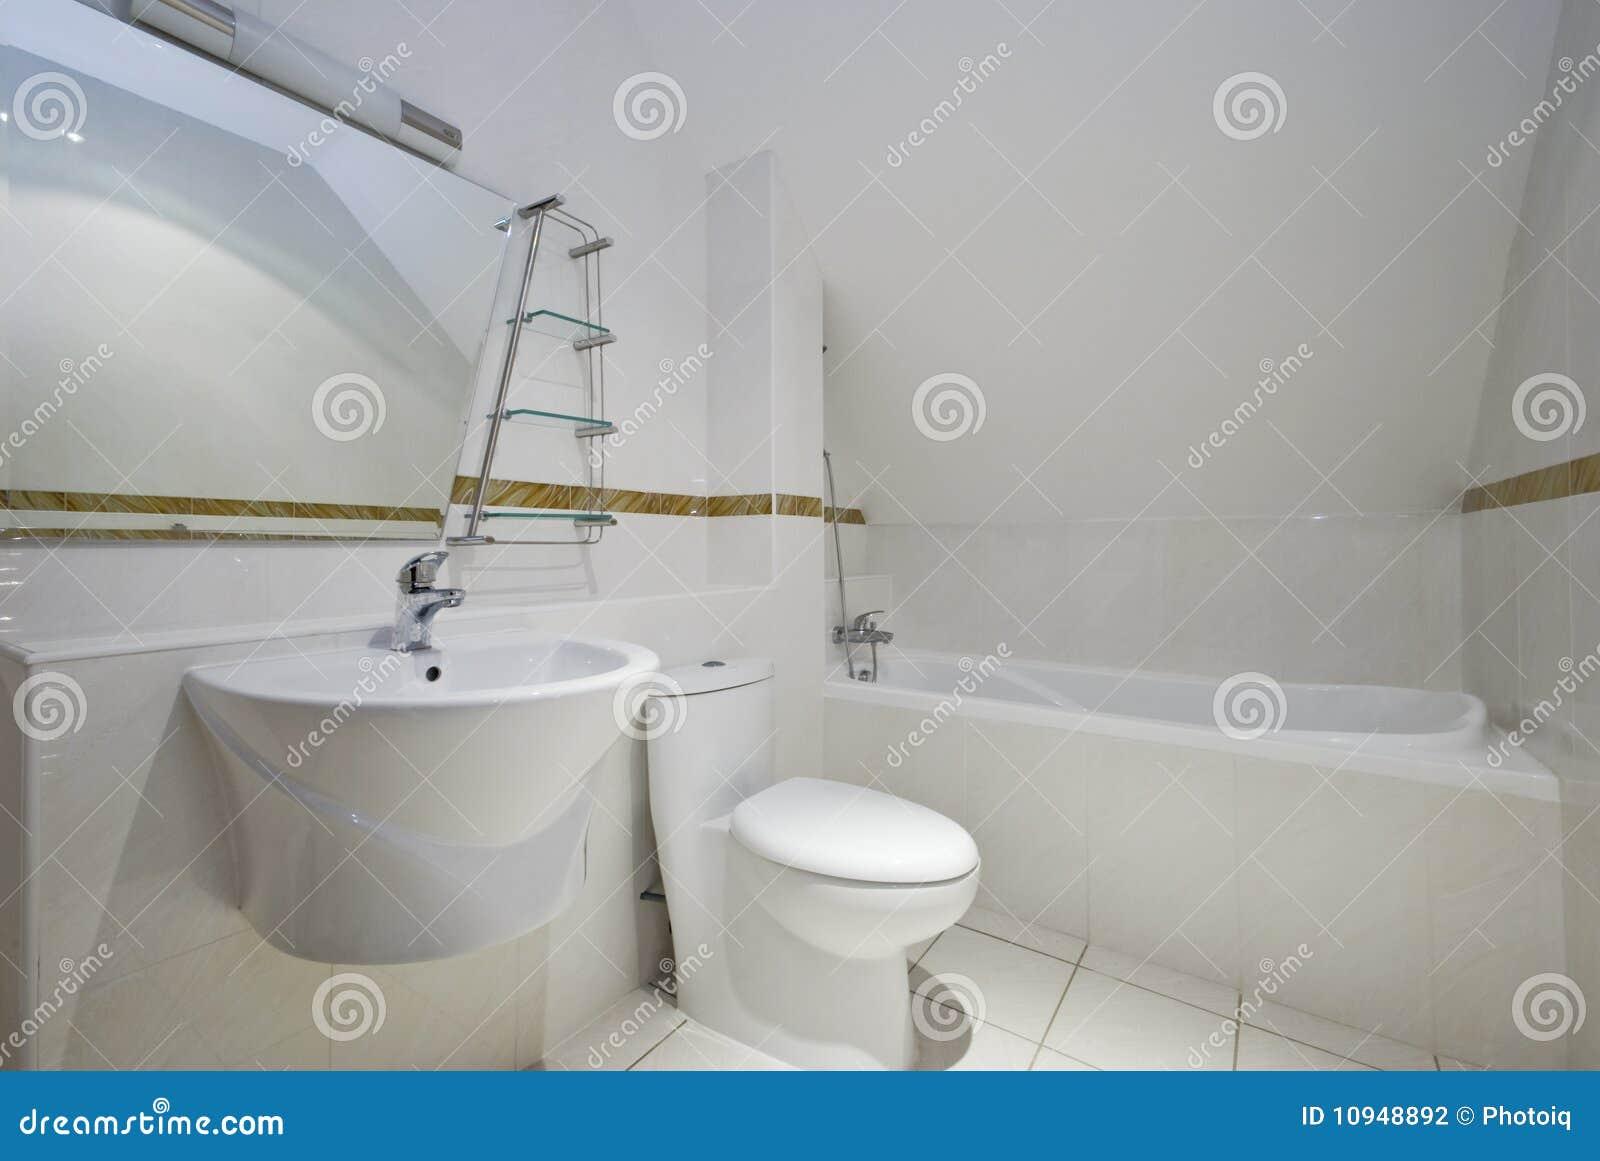 De badkamers van de zolder stock foto afbeelding bestaande uit flat 10948892 - Uitbreiding van de zolder ...